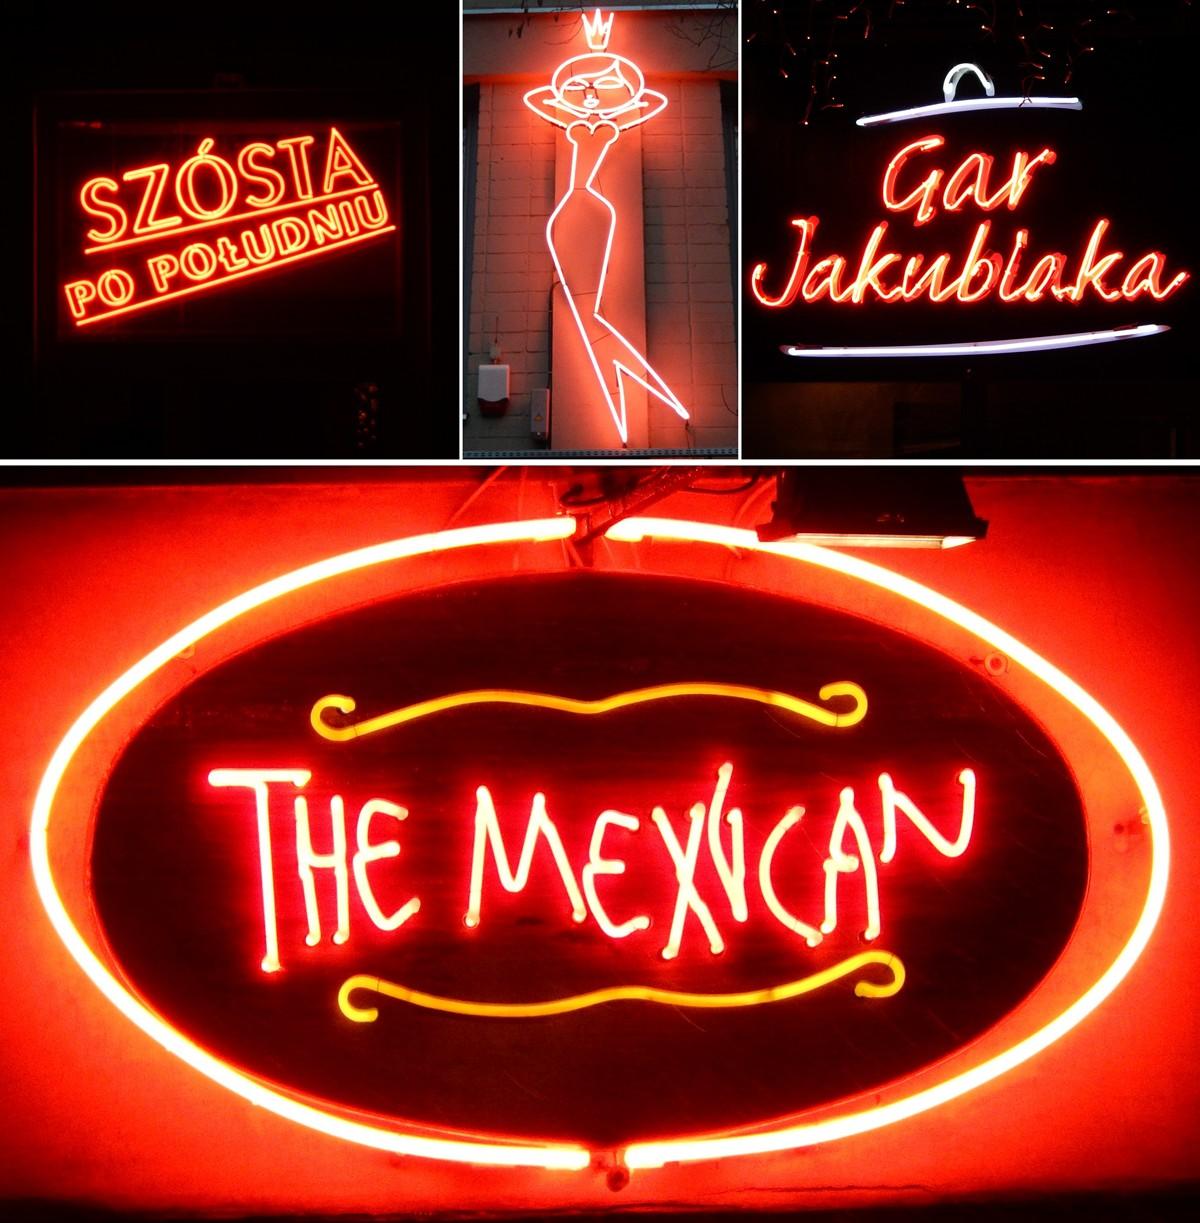 Od lewej: Szpitalna 5, Mińska 25, Jasna 10 i The Mexican - Zgoda 6